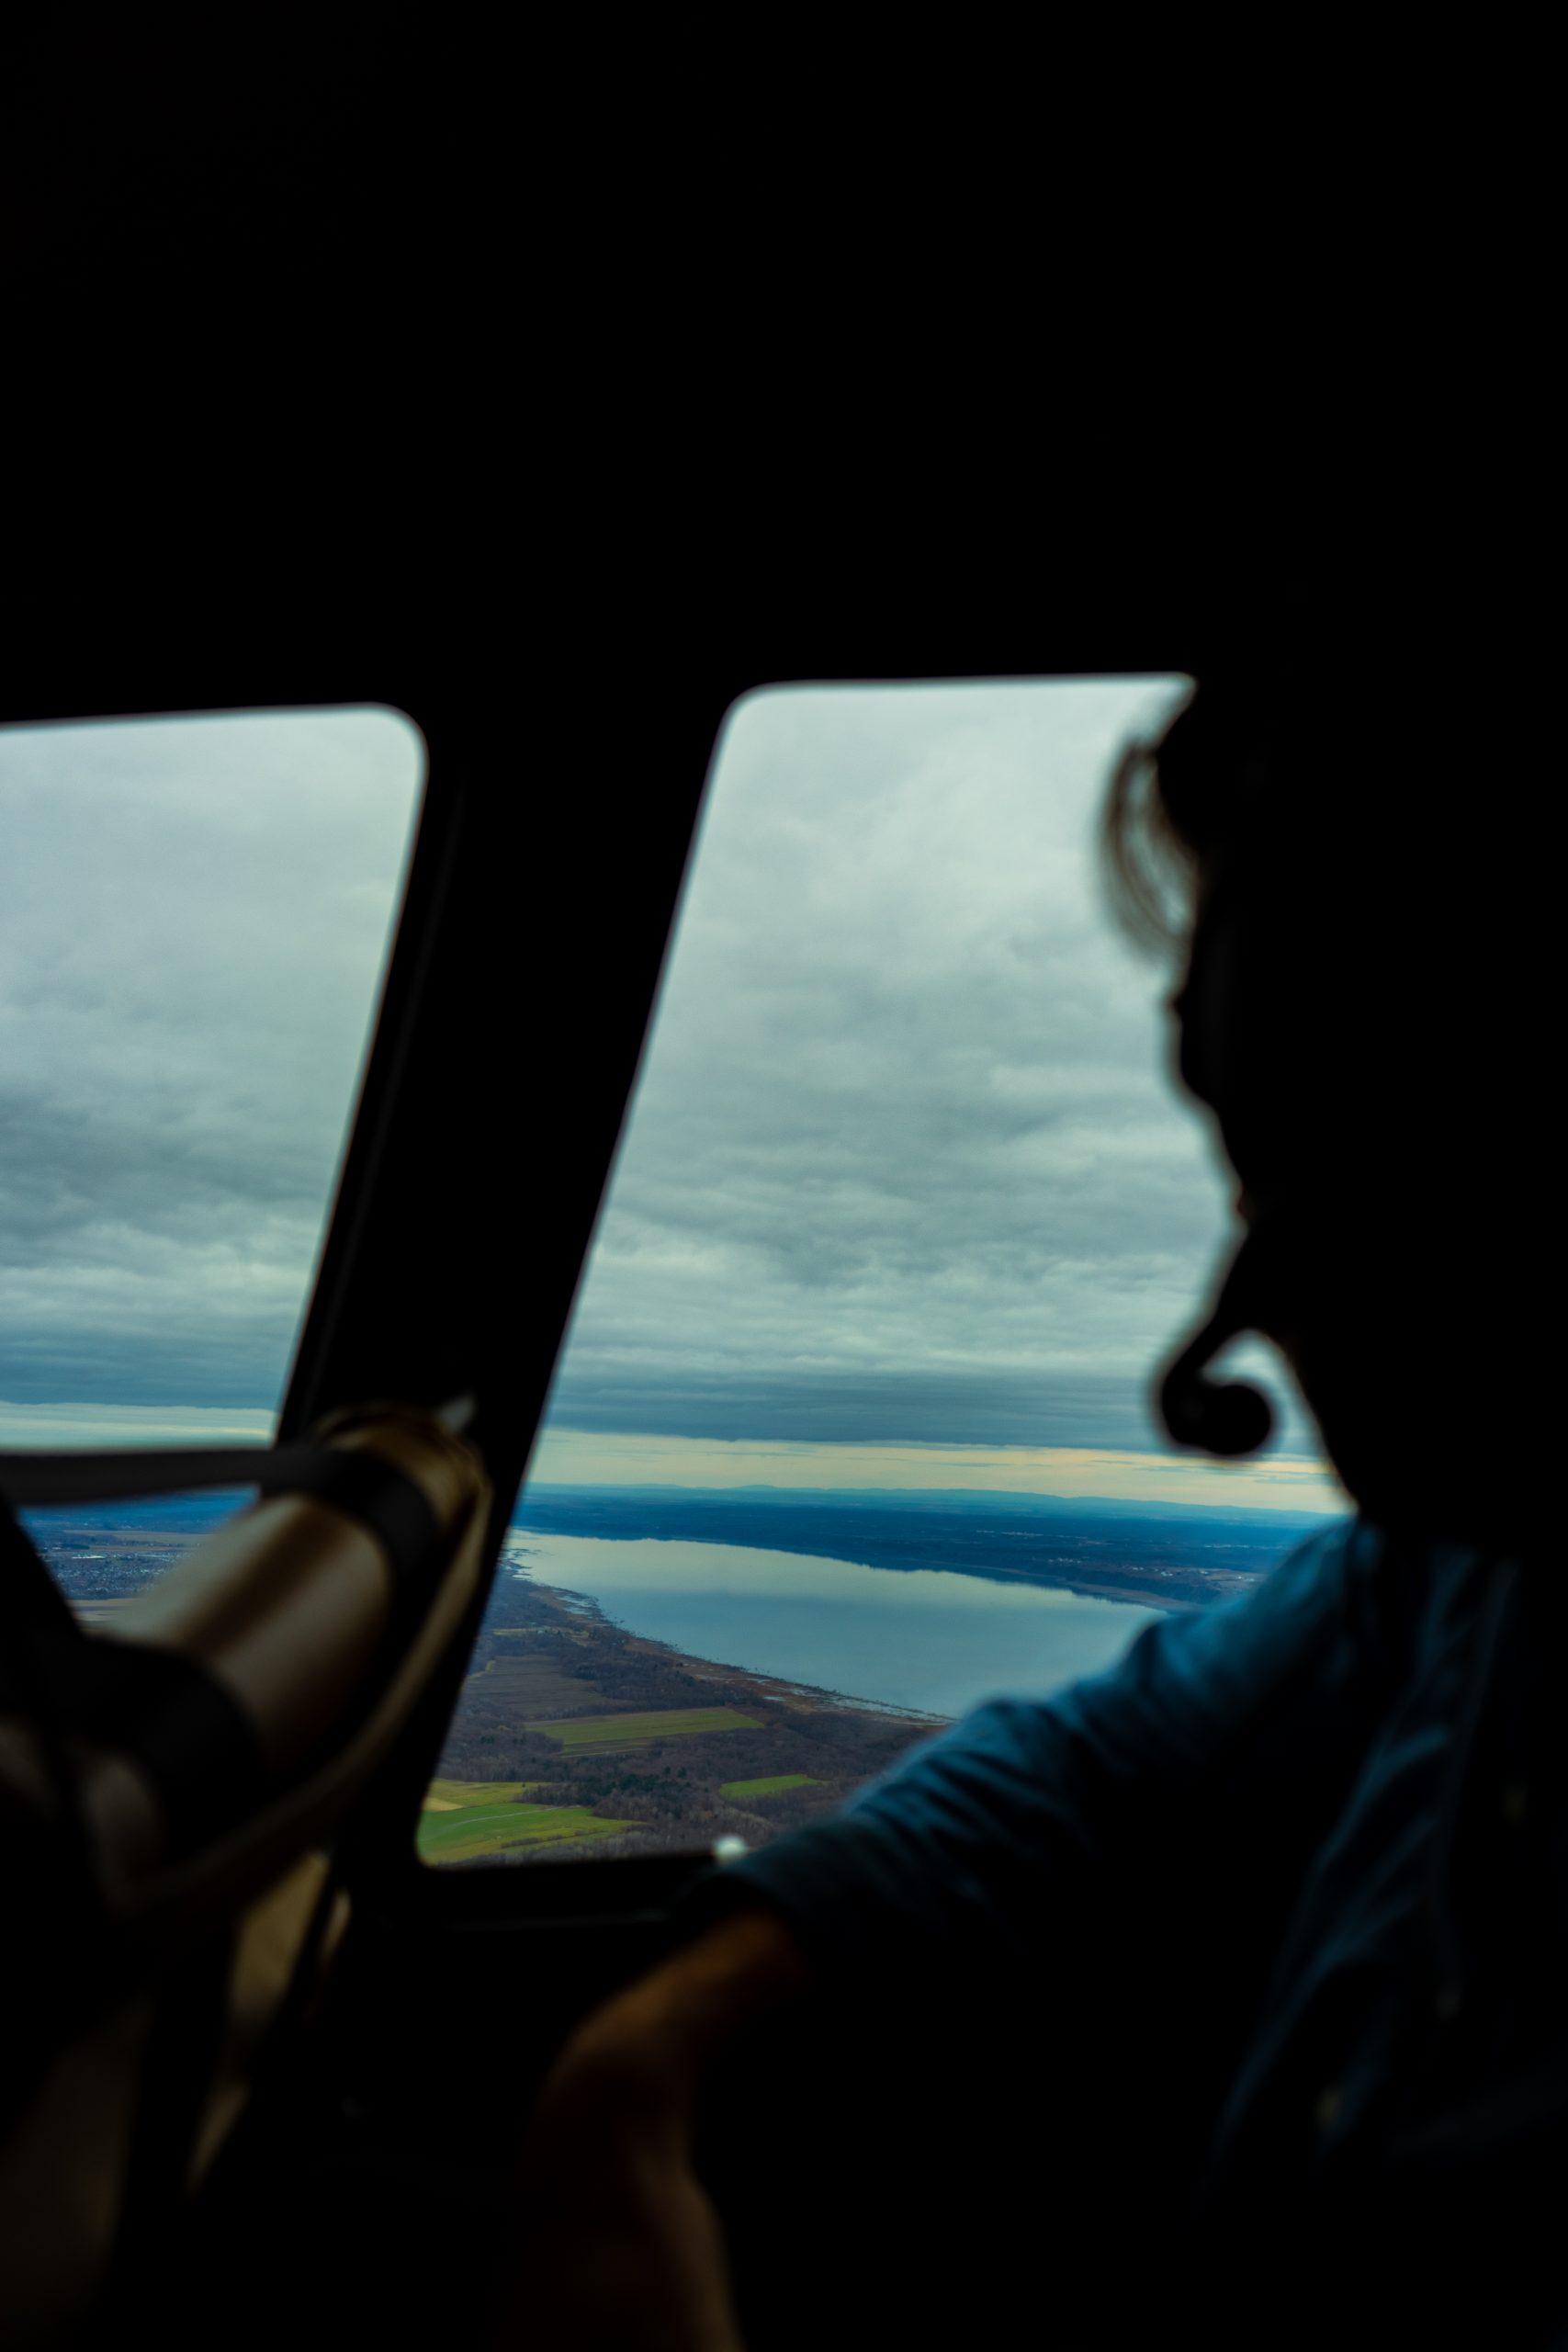 Pilote d'hélicoptère observant le ciel